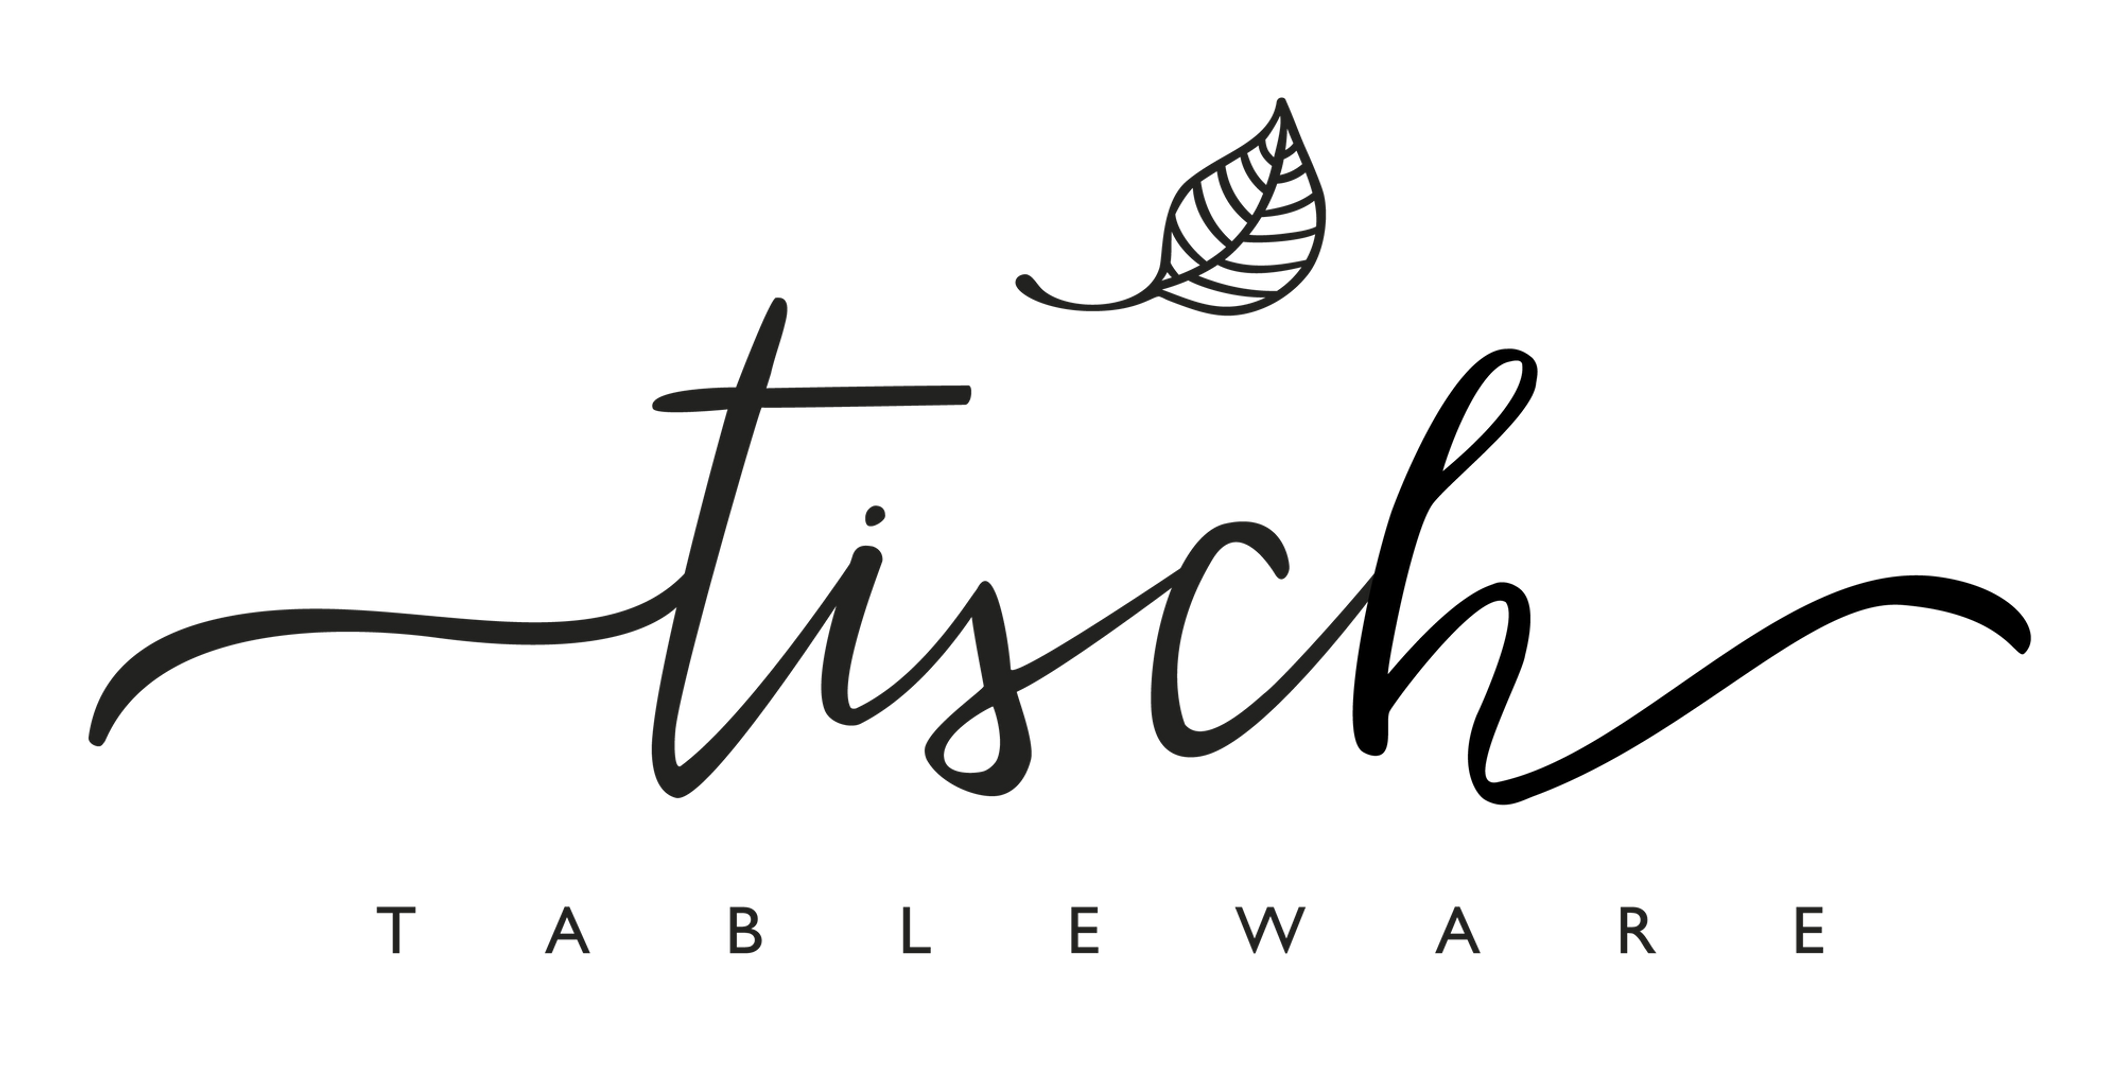 Tisch Tableware